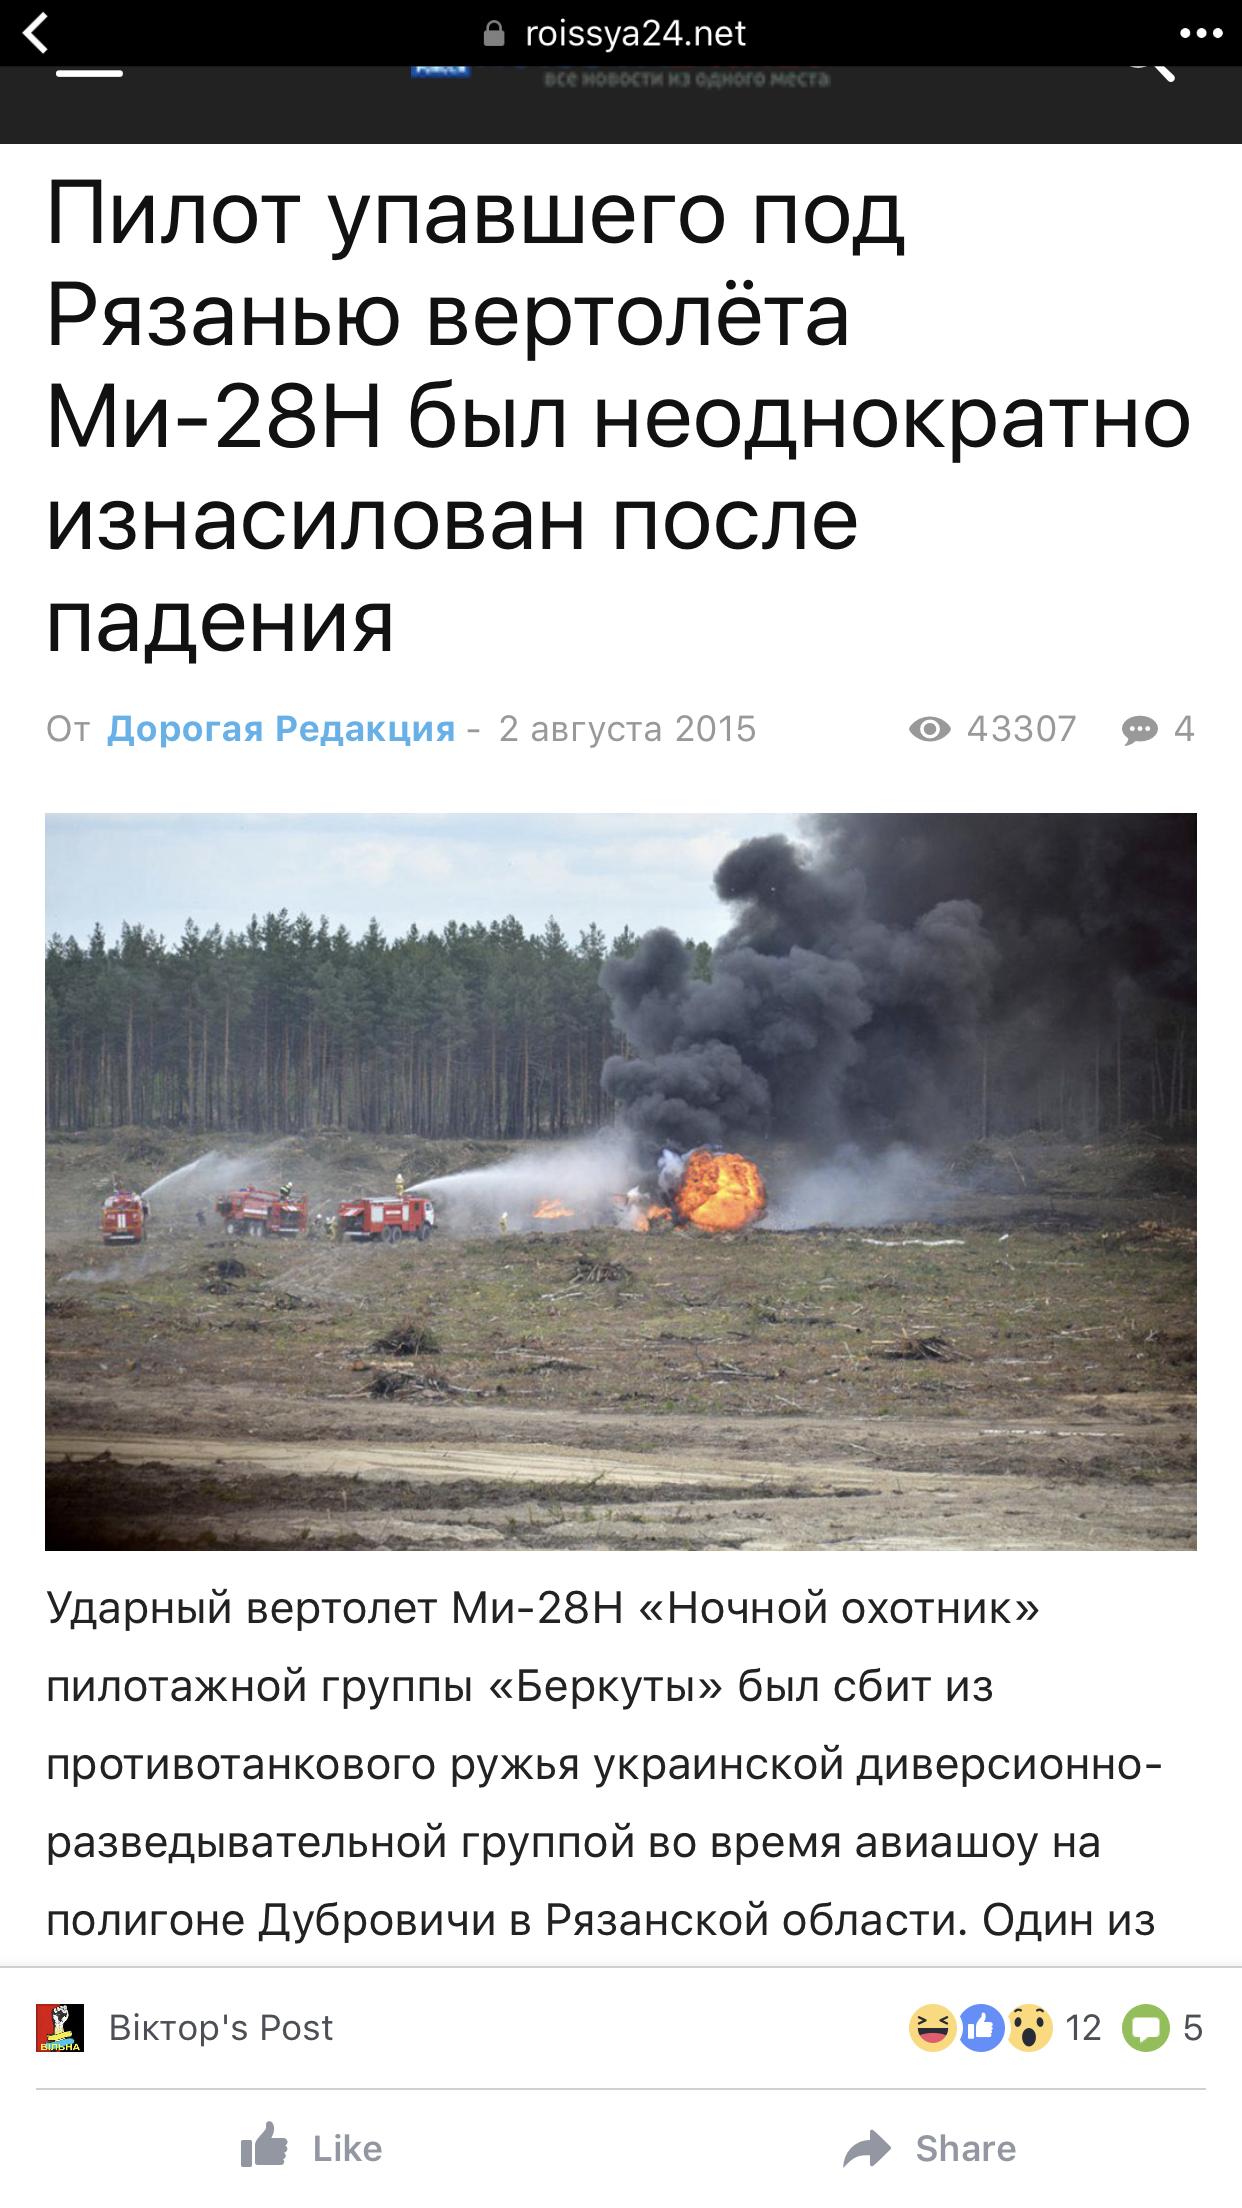 """""""Украинская армия становится сильнее с каждым днем!"""", - Порошенко о модернизации танка Т-72А - Цензор.НЕТ 3696"""